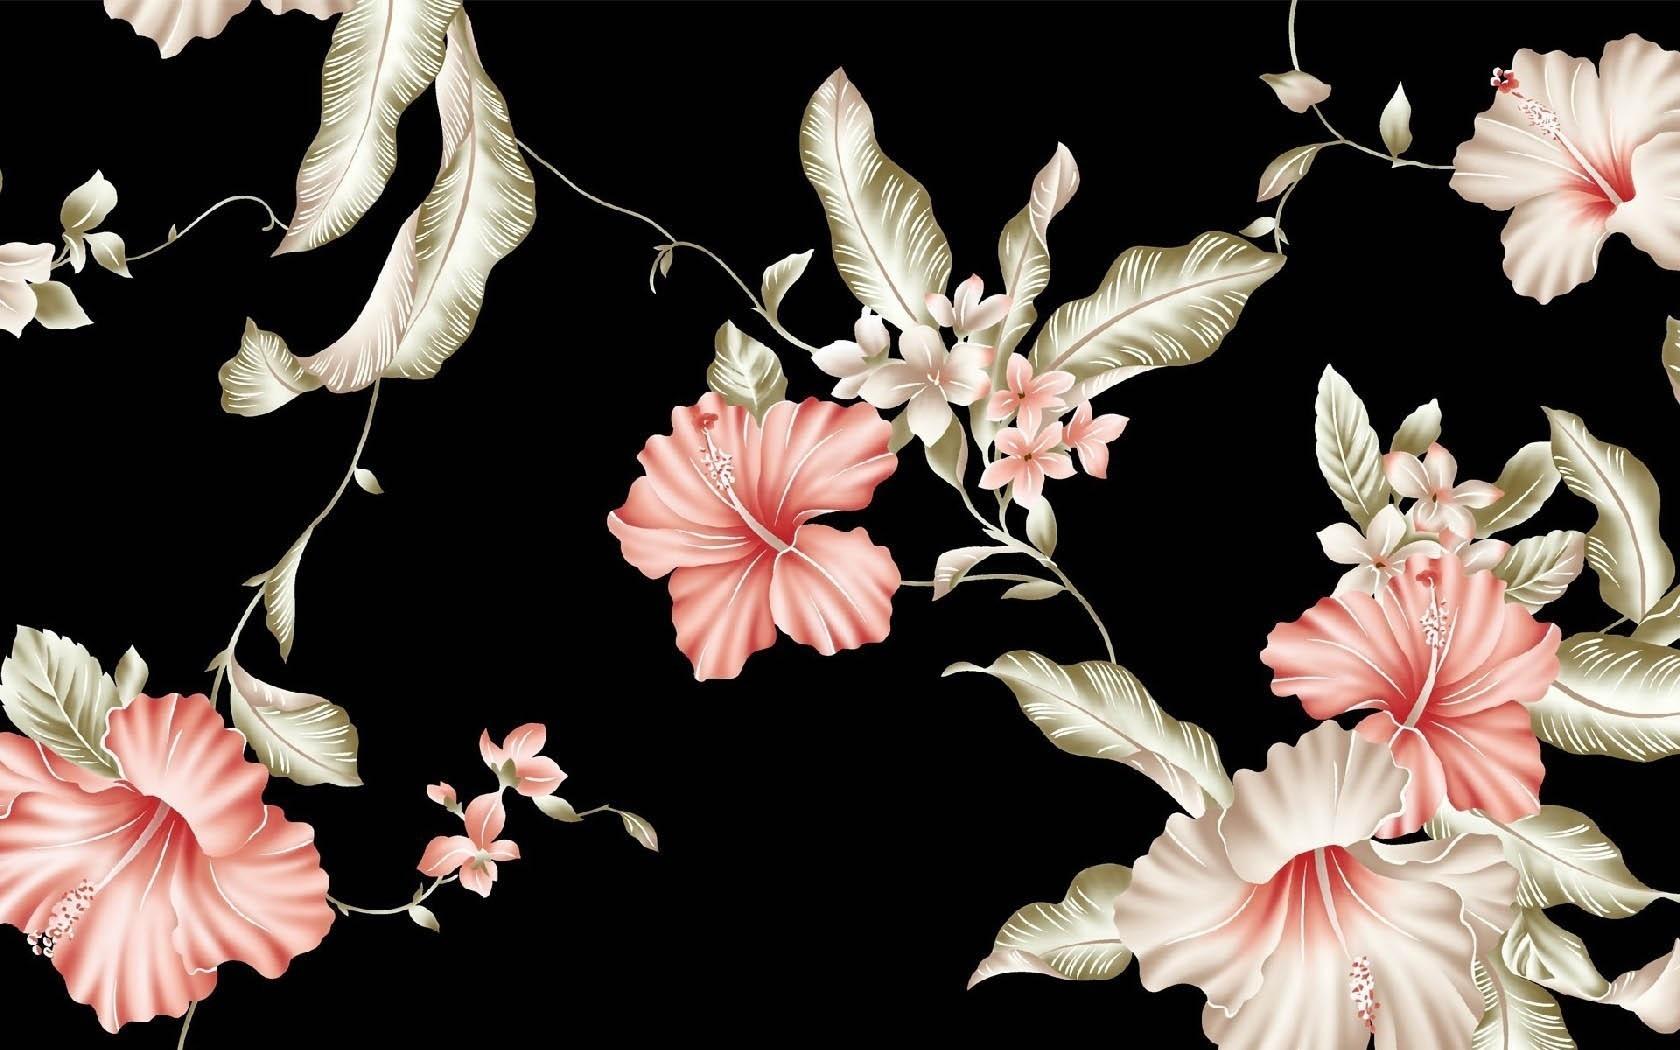 картинка с цветком на черном фоне подключение